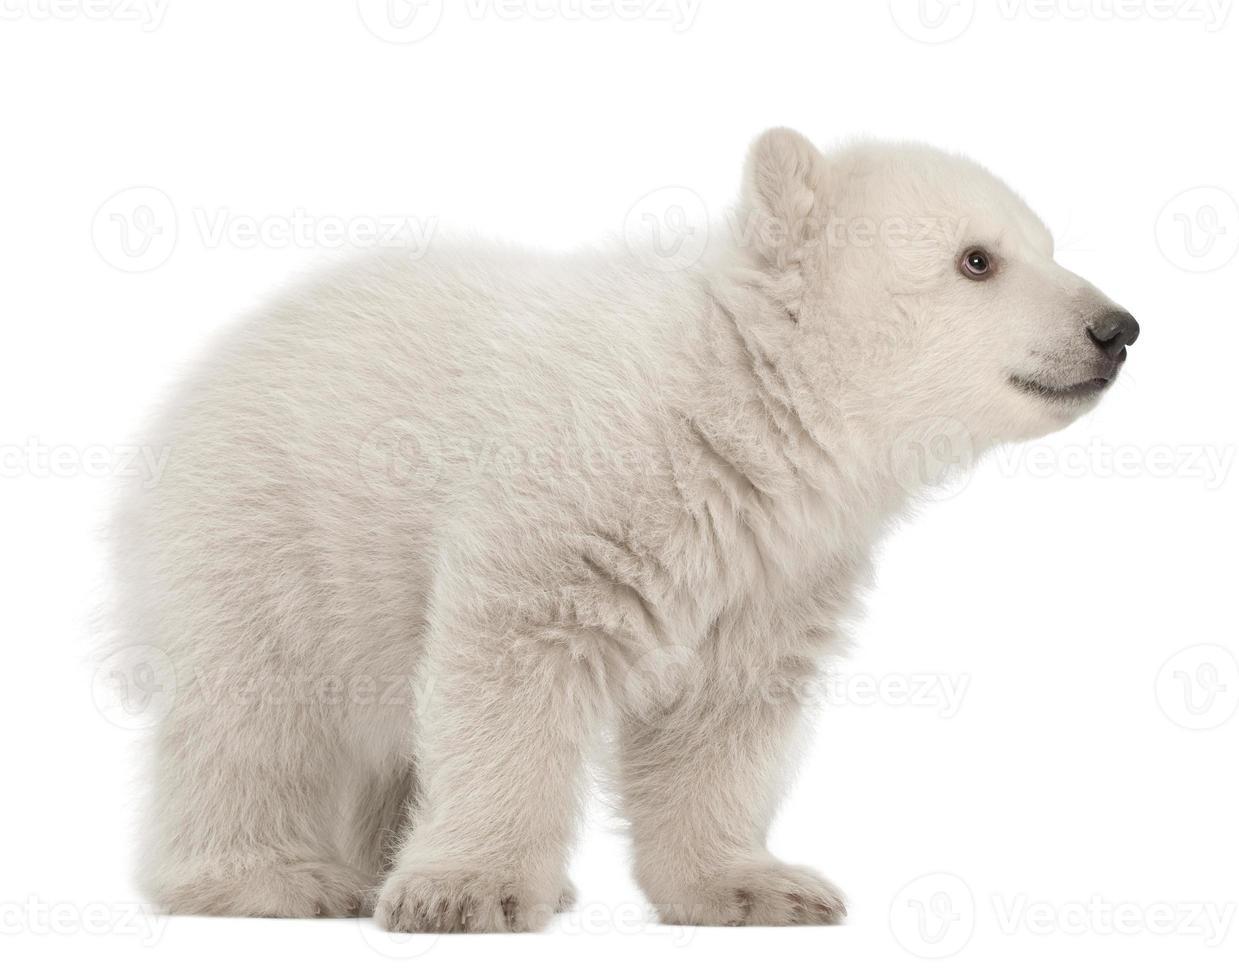 isbjörngröngöling, ursus maritimus, 3 månader gammal, stående foto